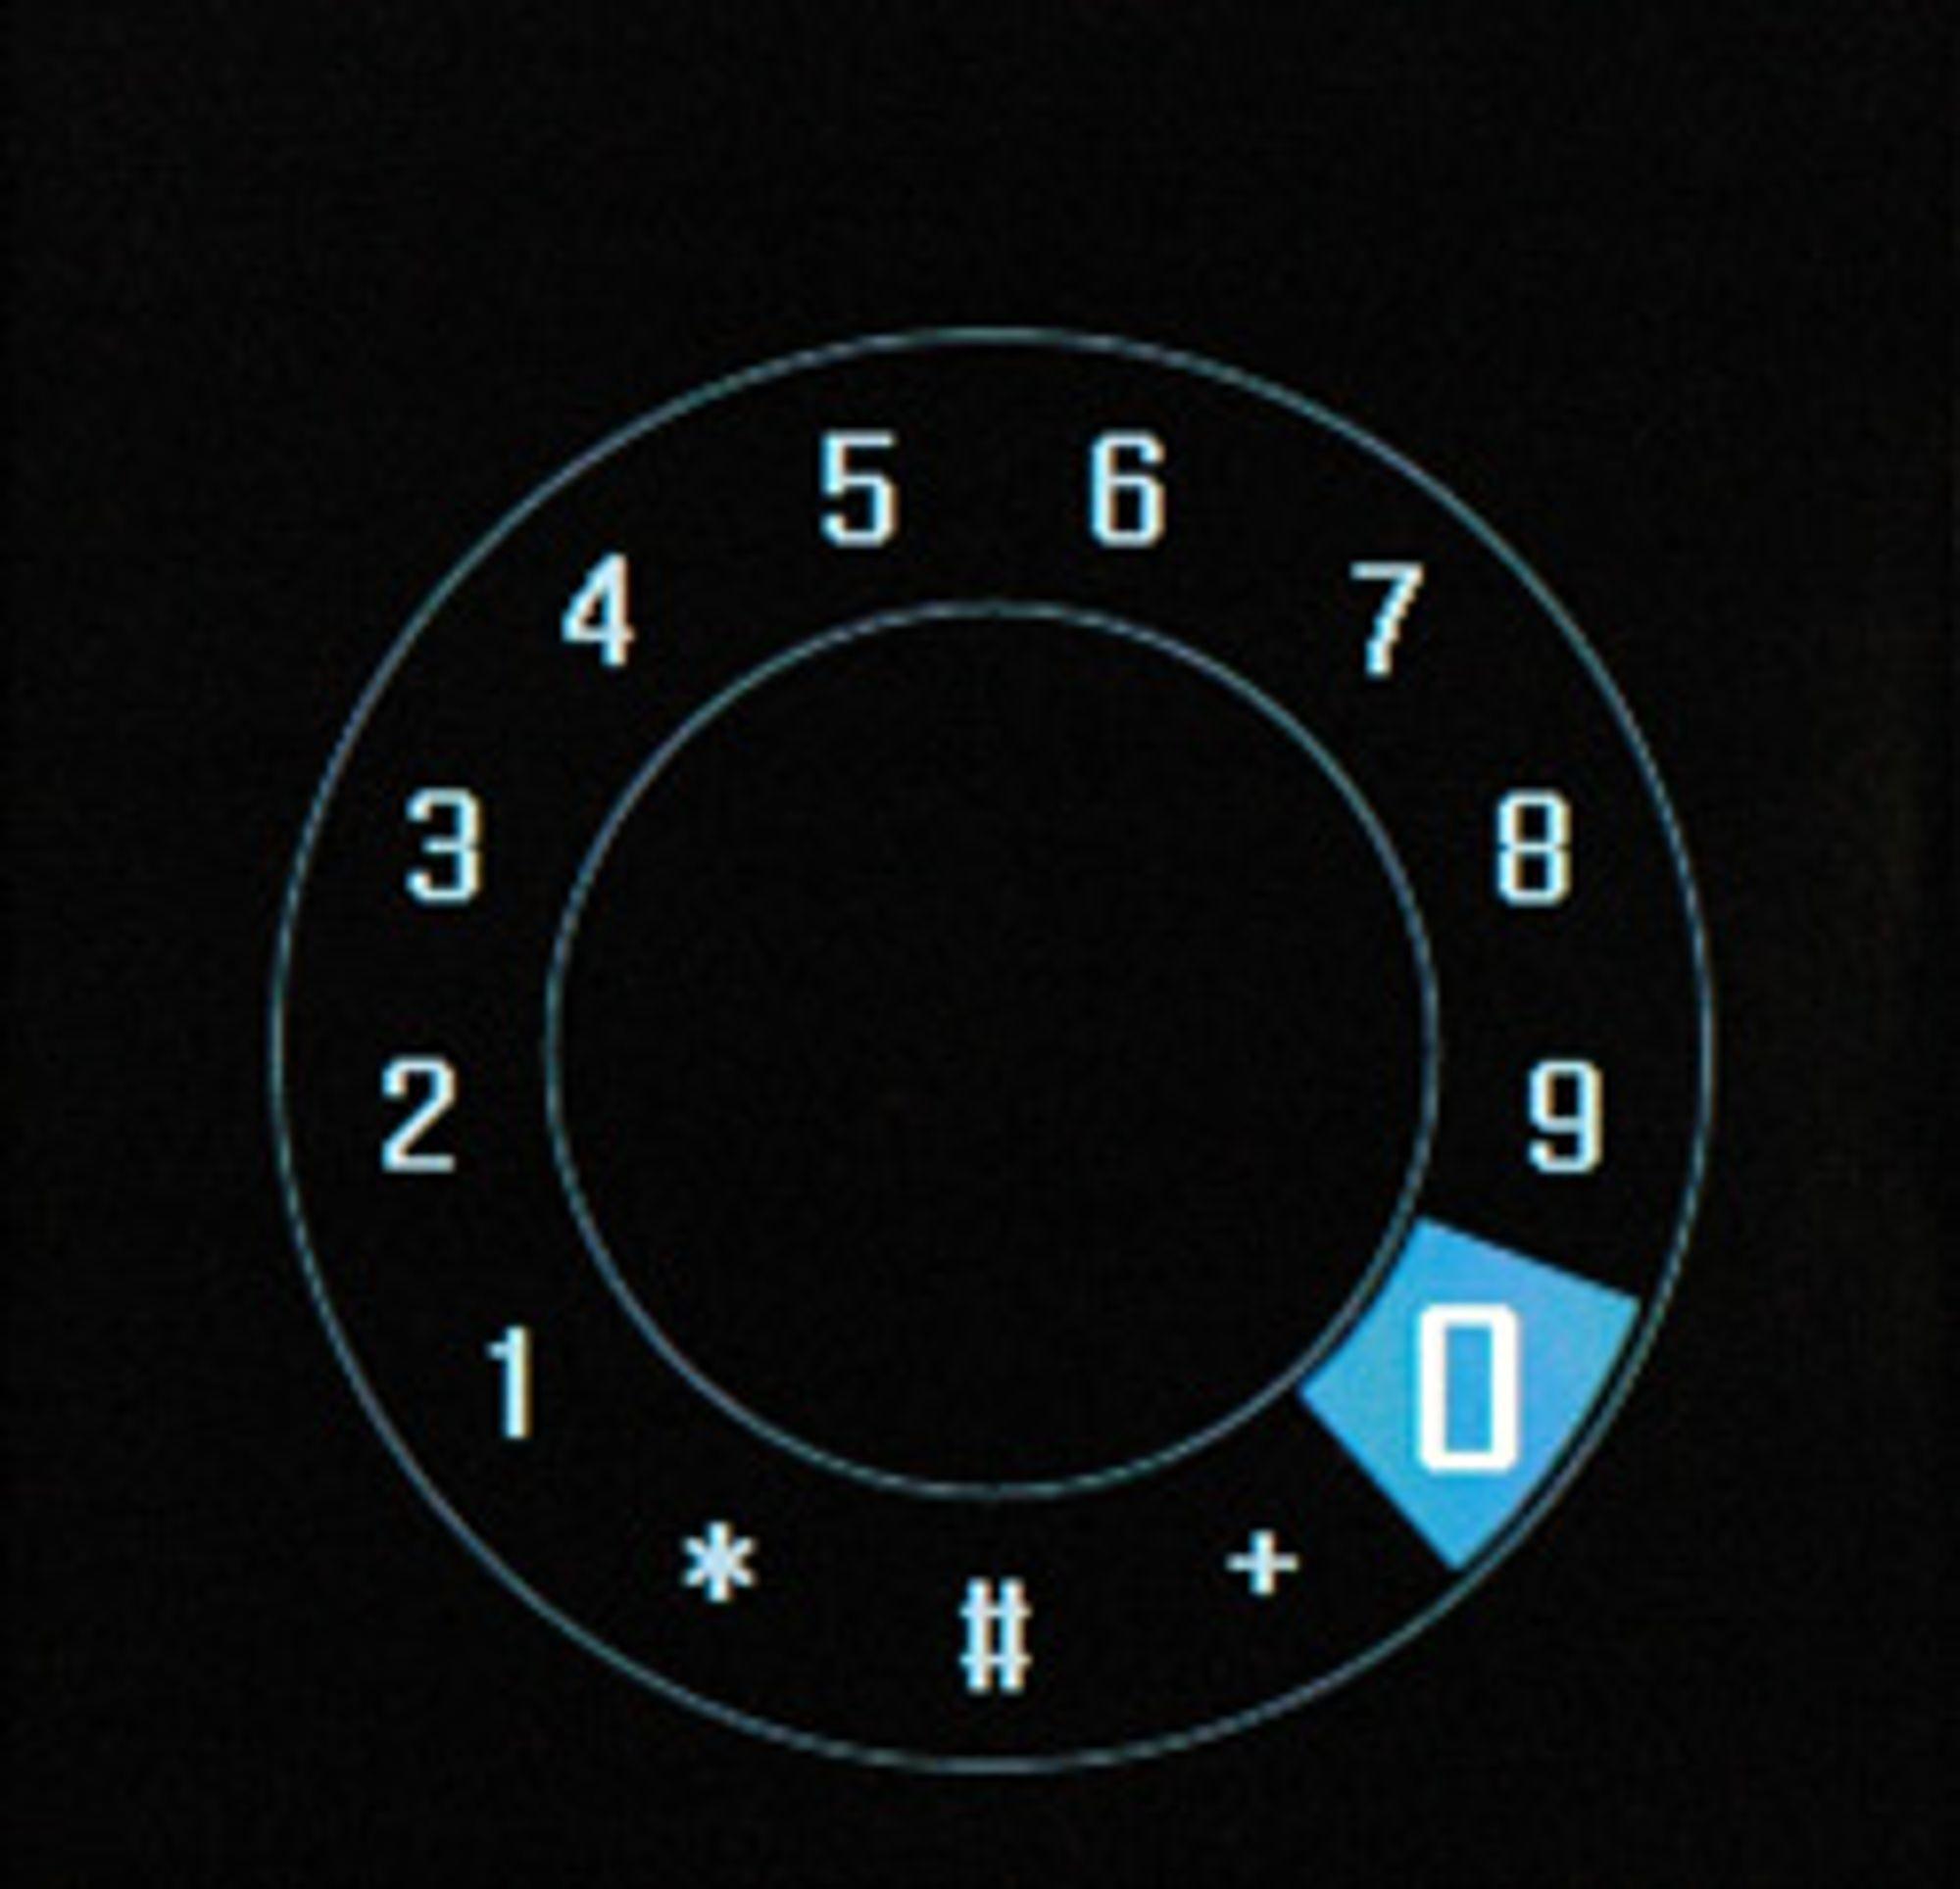 For å taste inn telefonnumre er det bare å rulle på hjulet for å flytte den blå markøren og trykke i midten for å bekrefte.